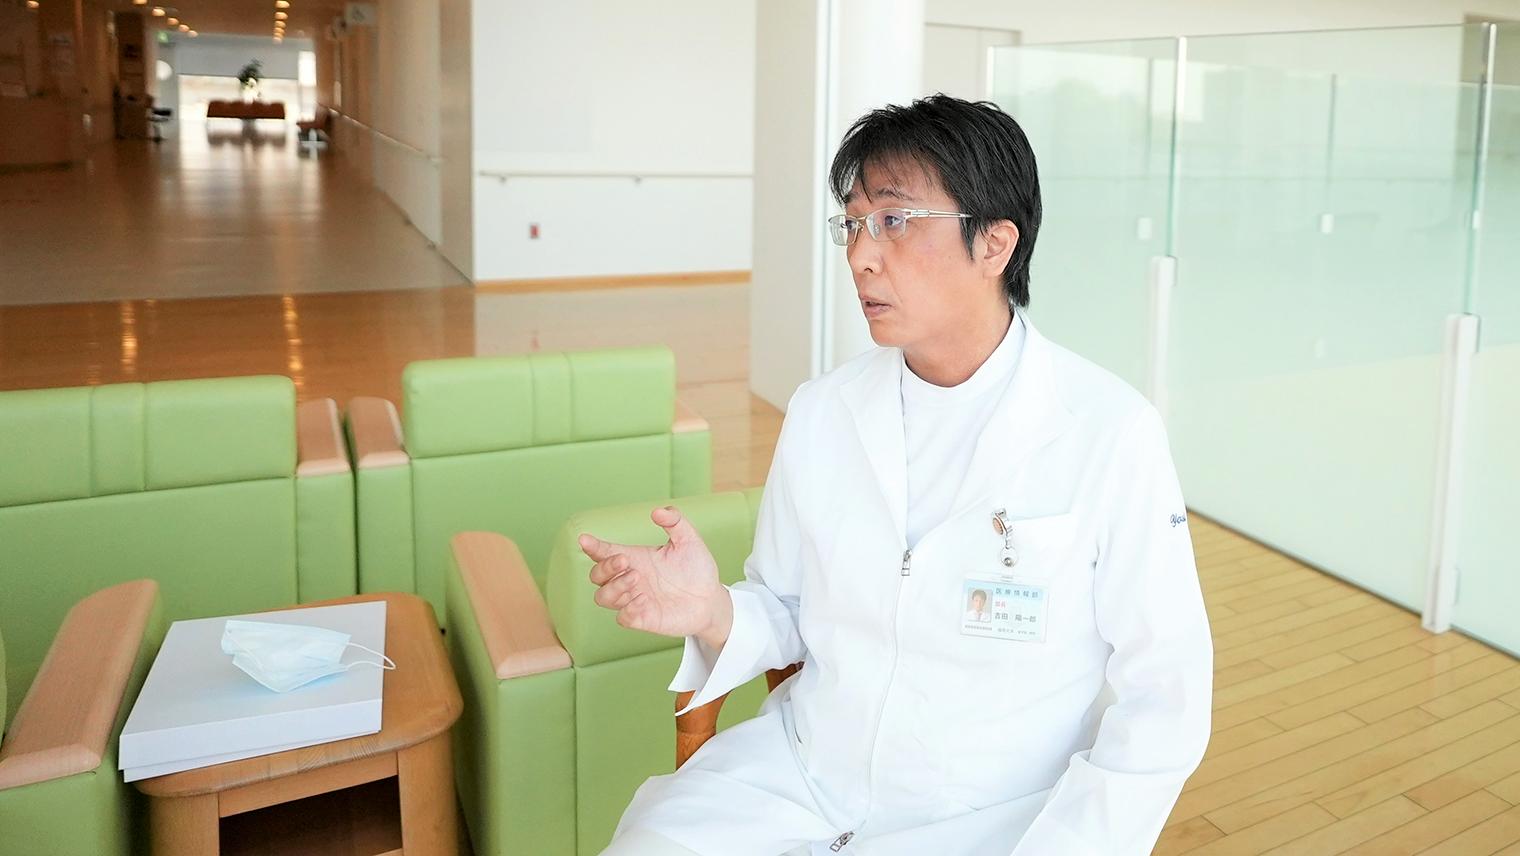 吉田先生がロビーでインタビューに応じている写真